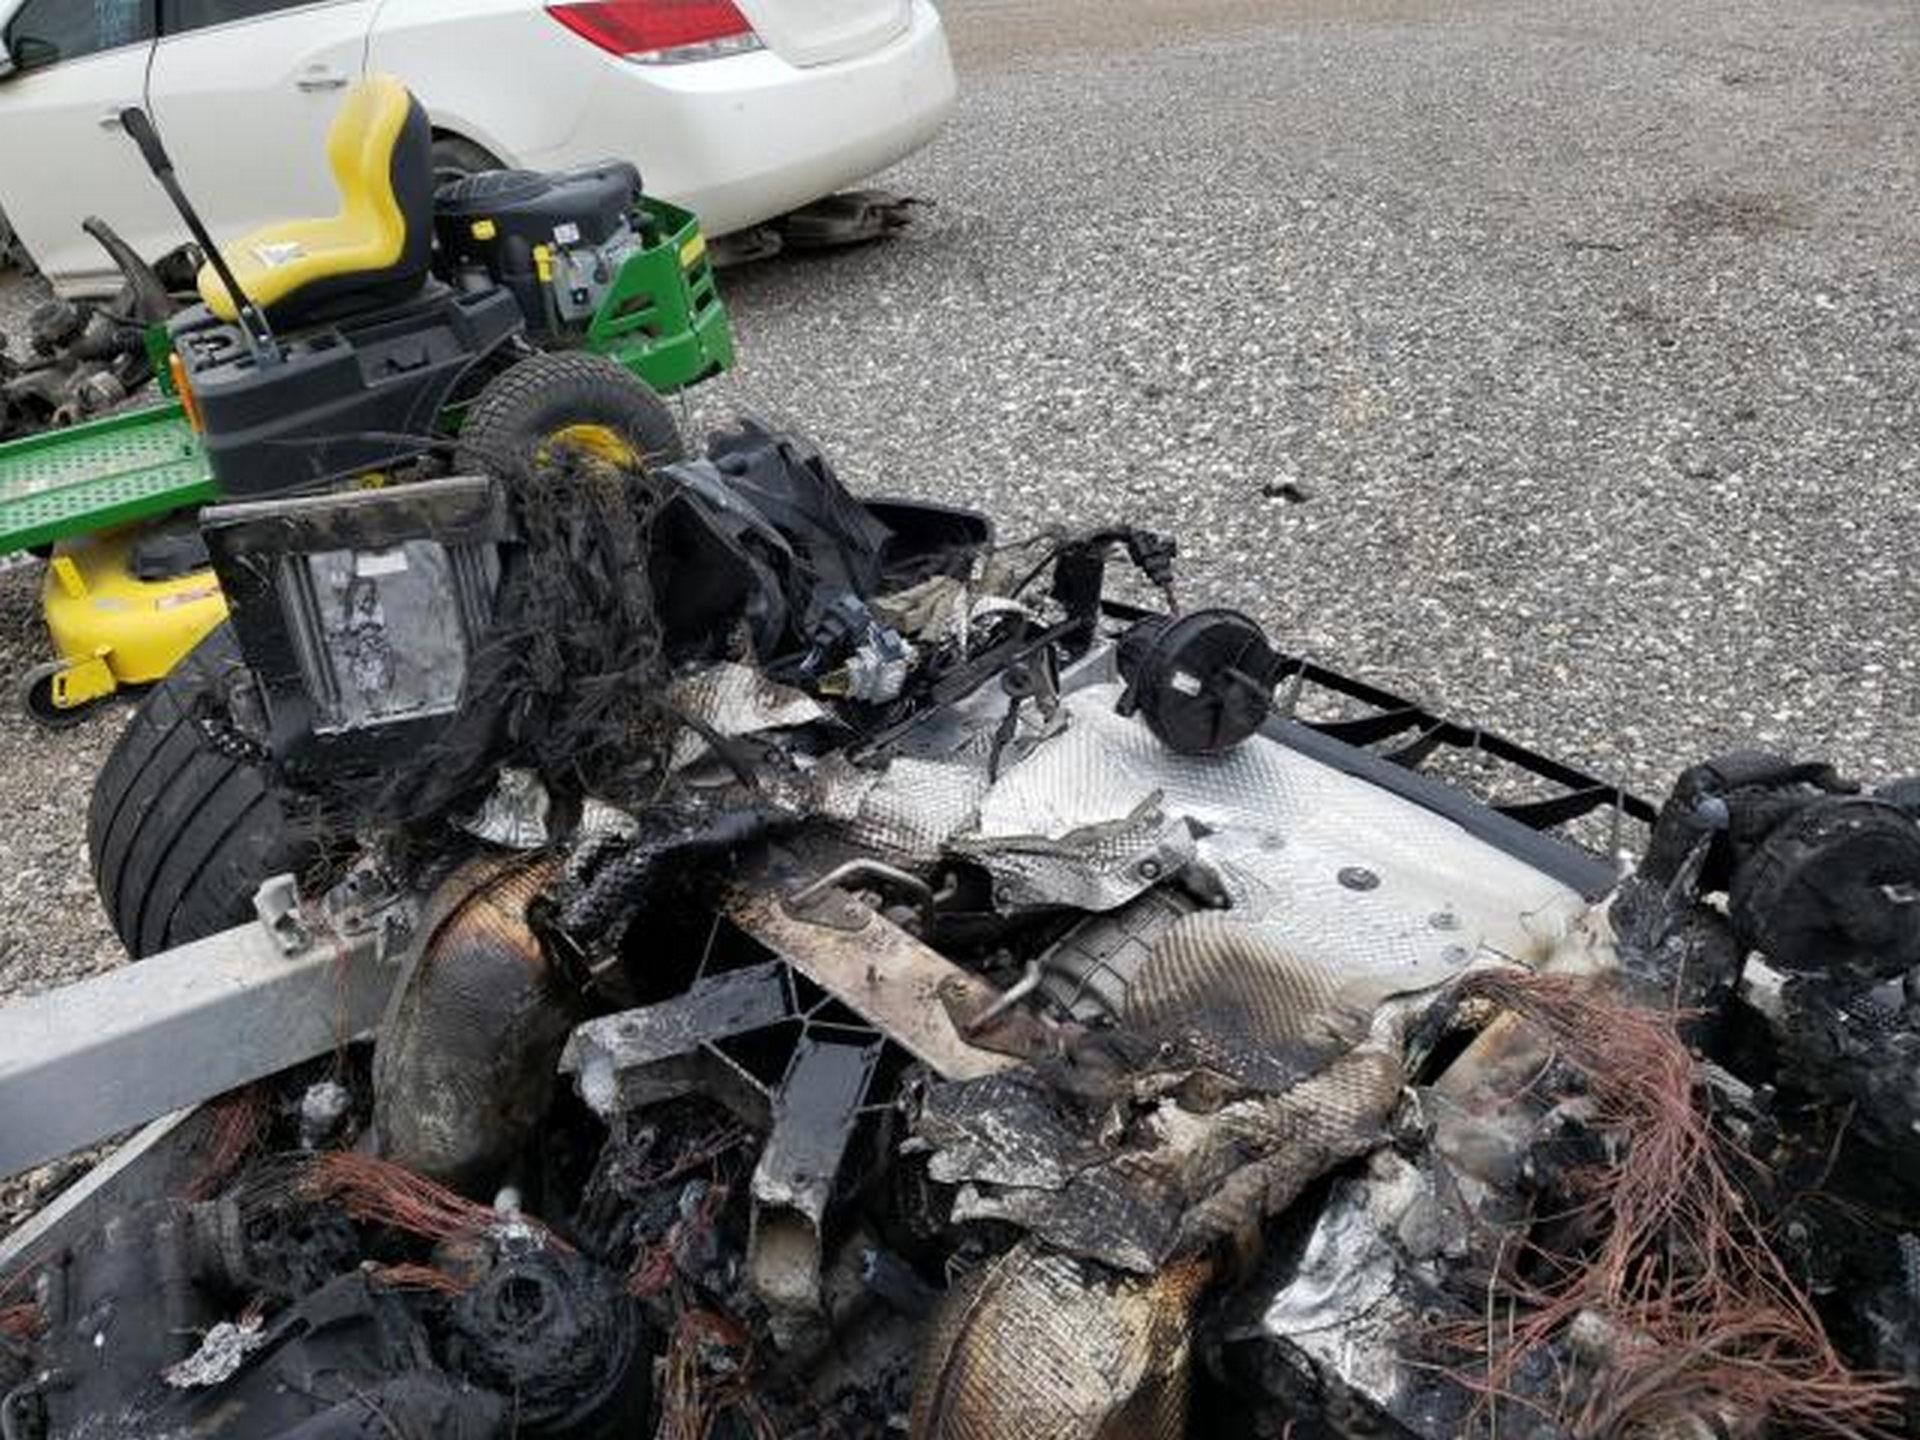 Siêu xe McLaren bị cháy thành tro vẫn được rao bán - 7